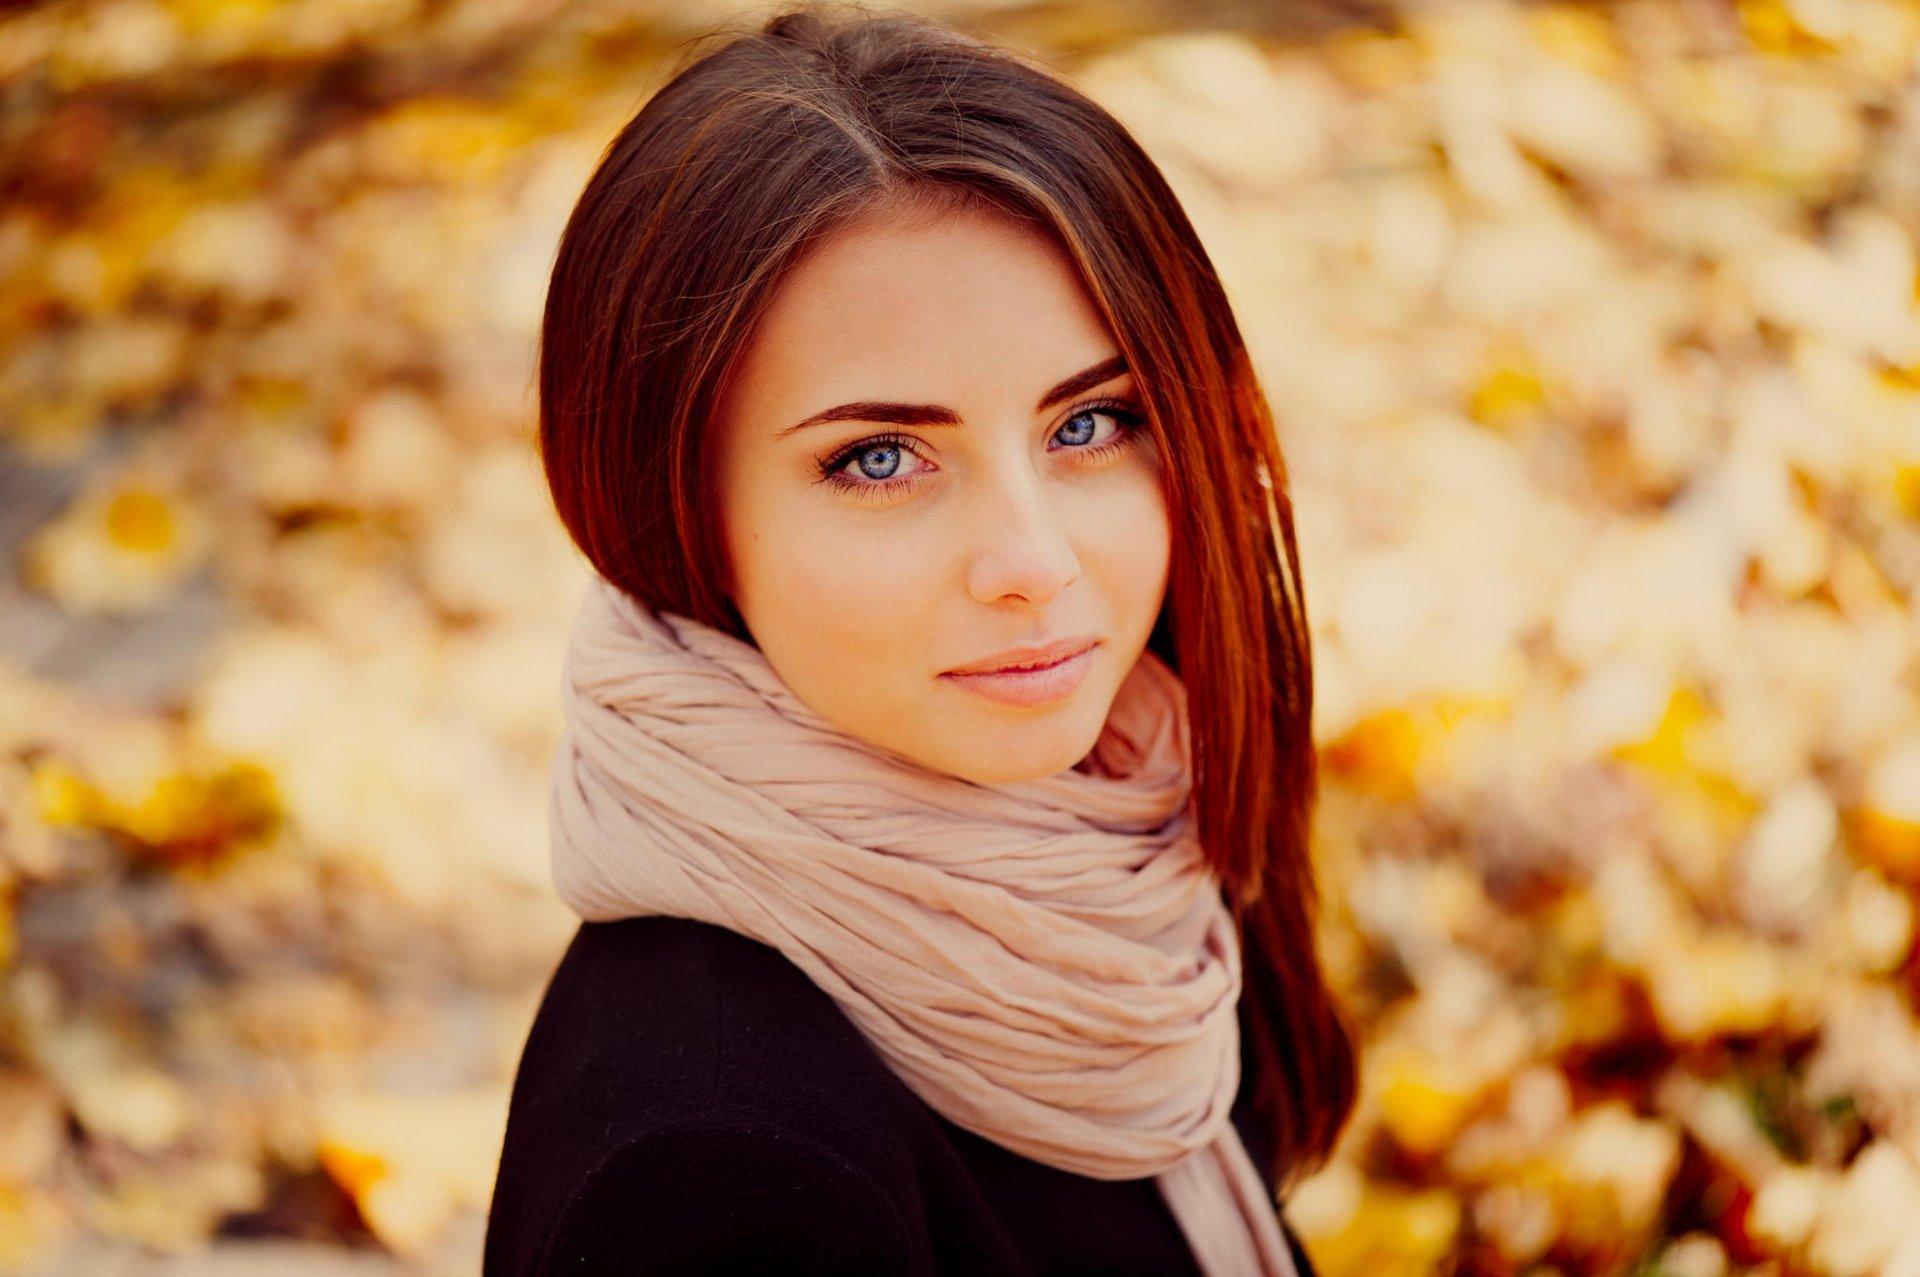 найти красивую девушку с фотками